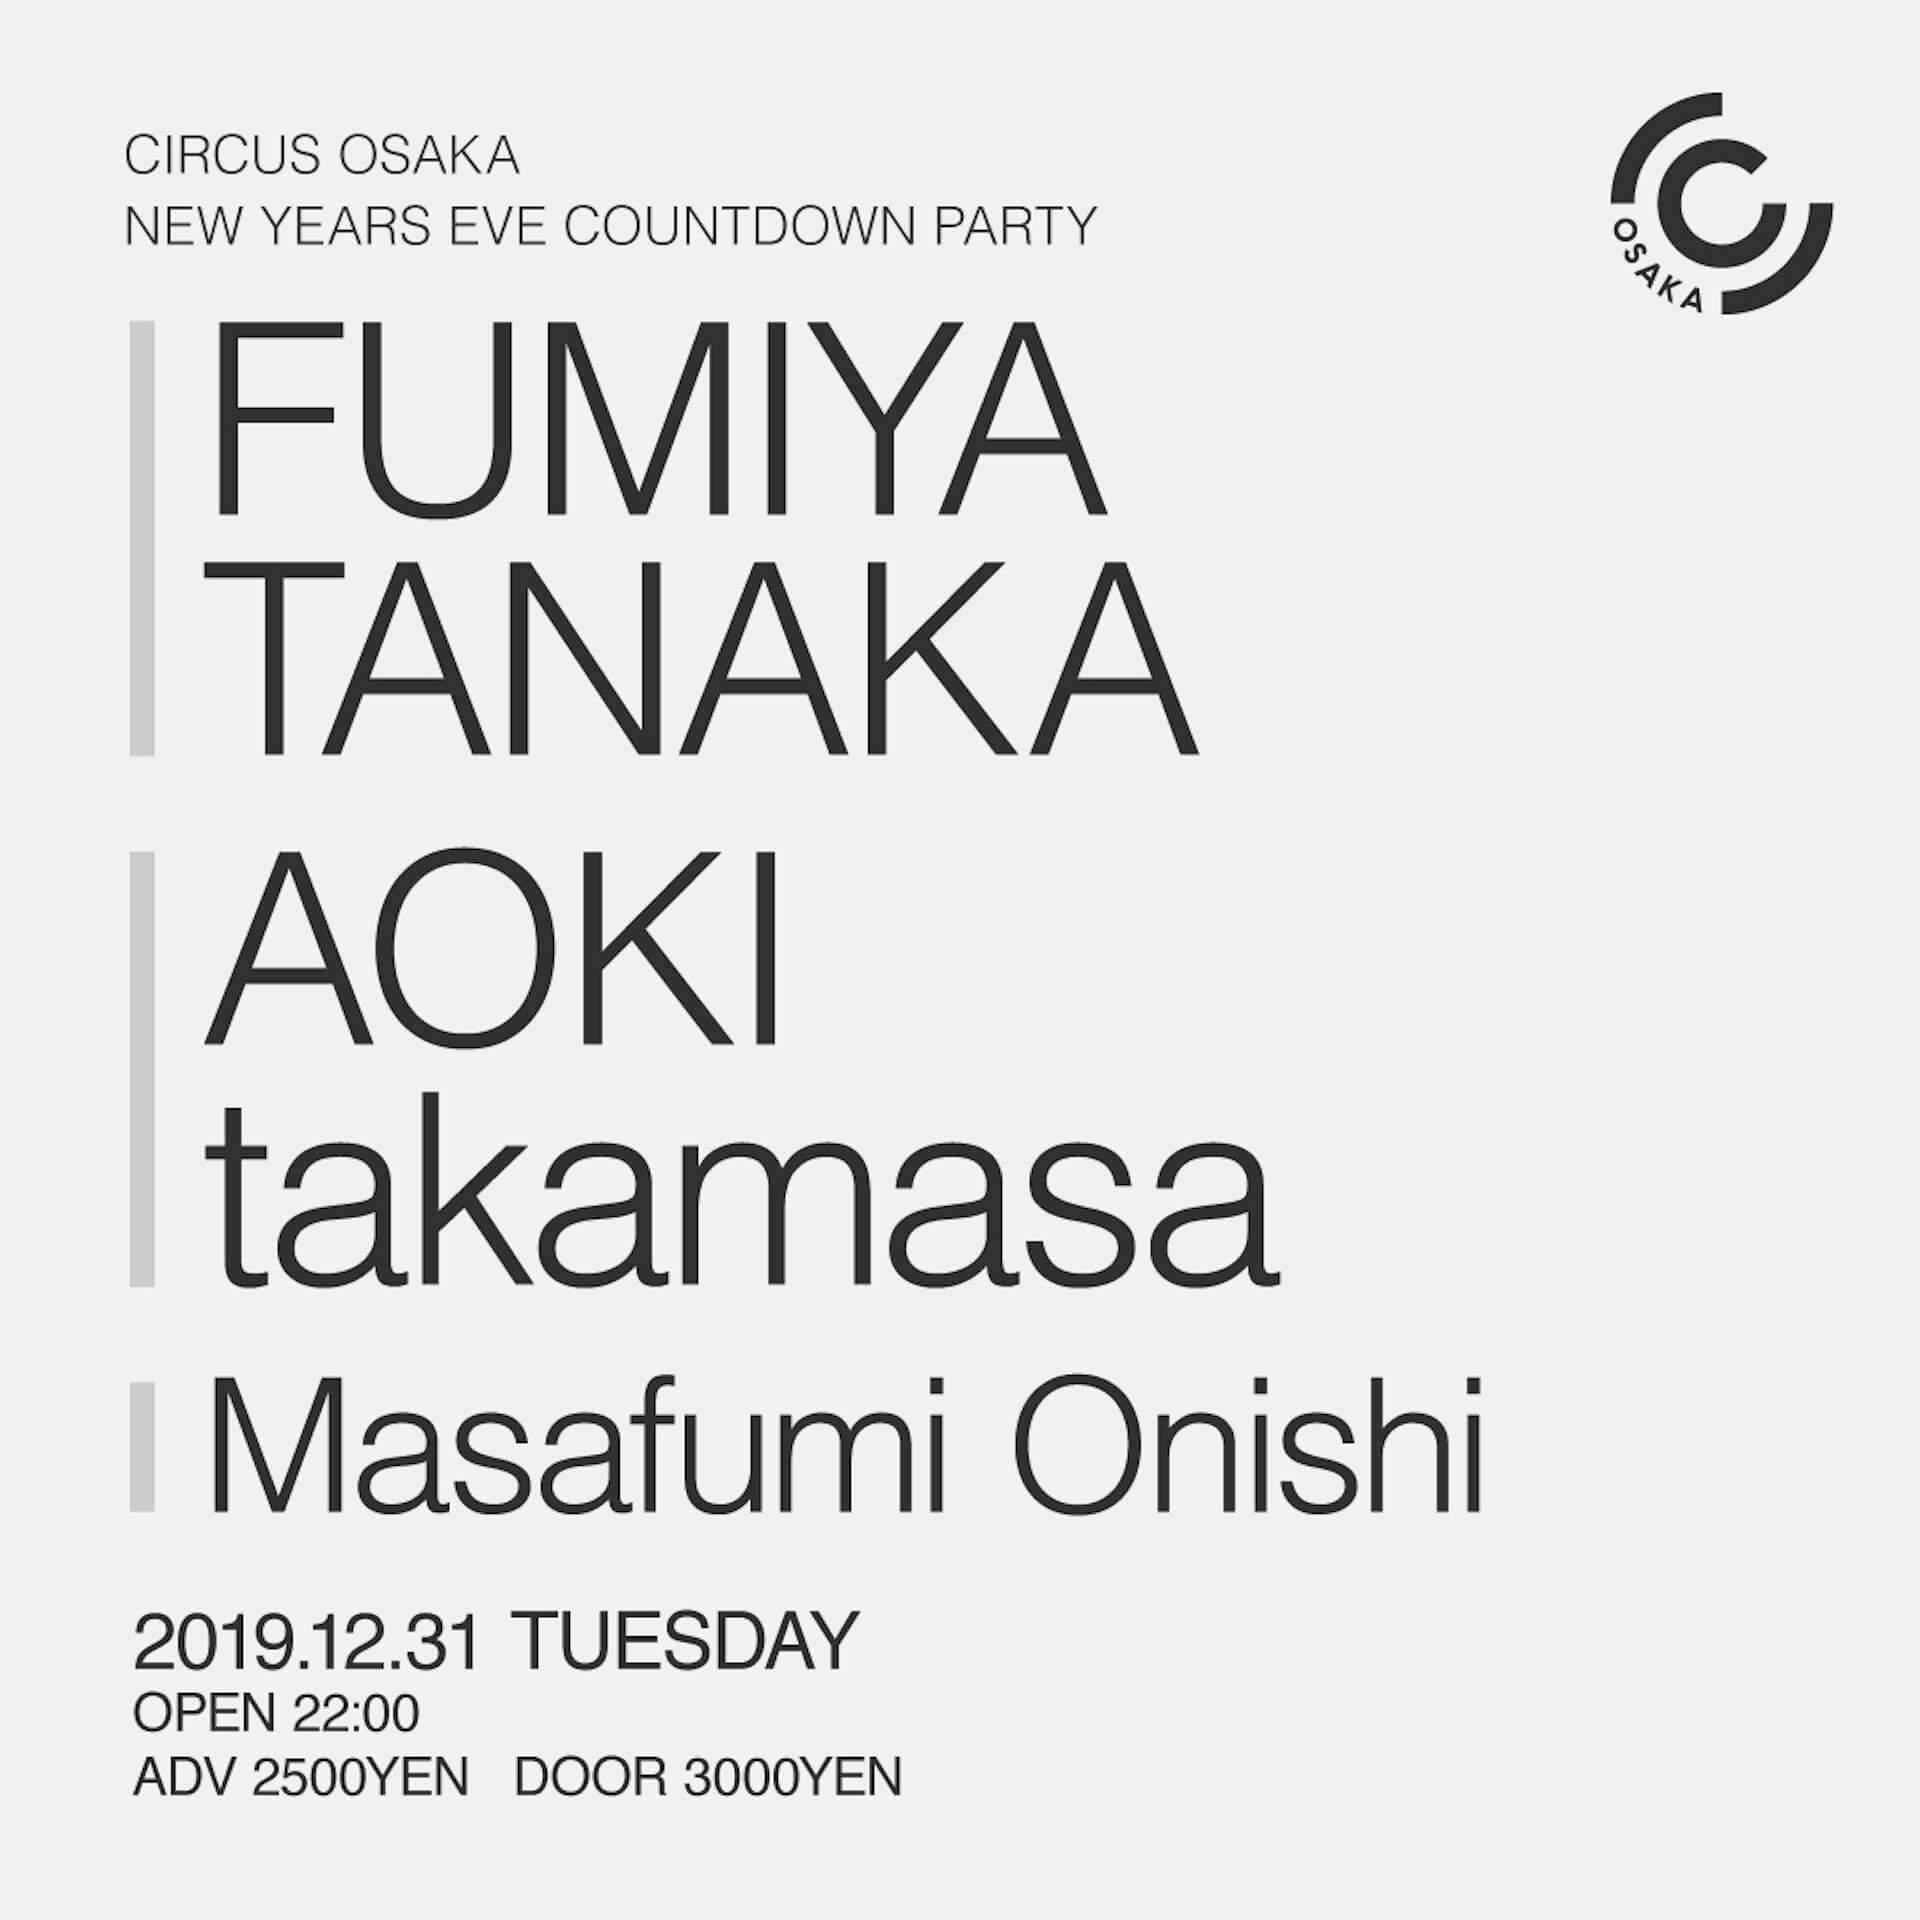 今年のカウントダウンはCIRCUSで!CIRCUS OSAKAでFUMIYA TANAKA、AOKI takamasa、CIRCUS TOKYOでAndroid52らが出演カウントダウンイベント開催 music191213_circus_countdown_4